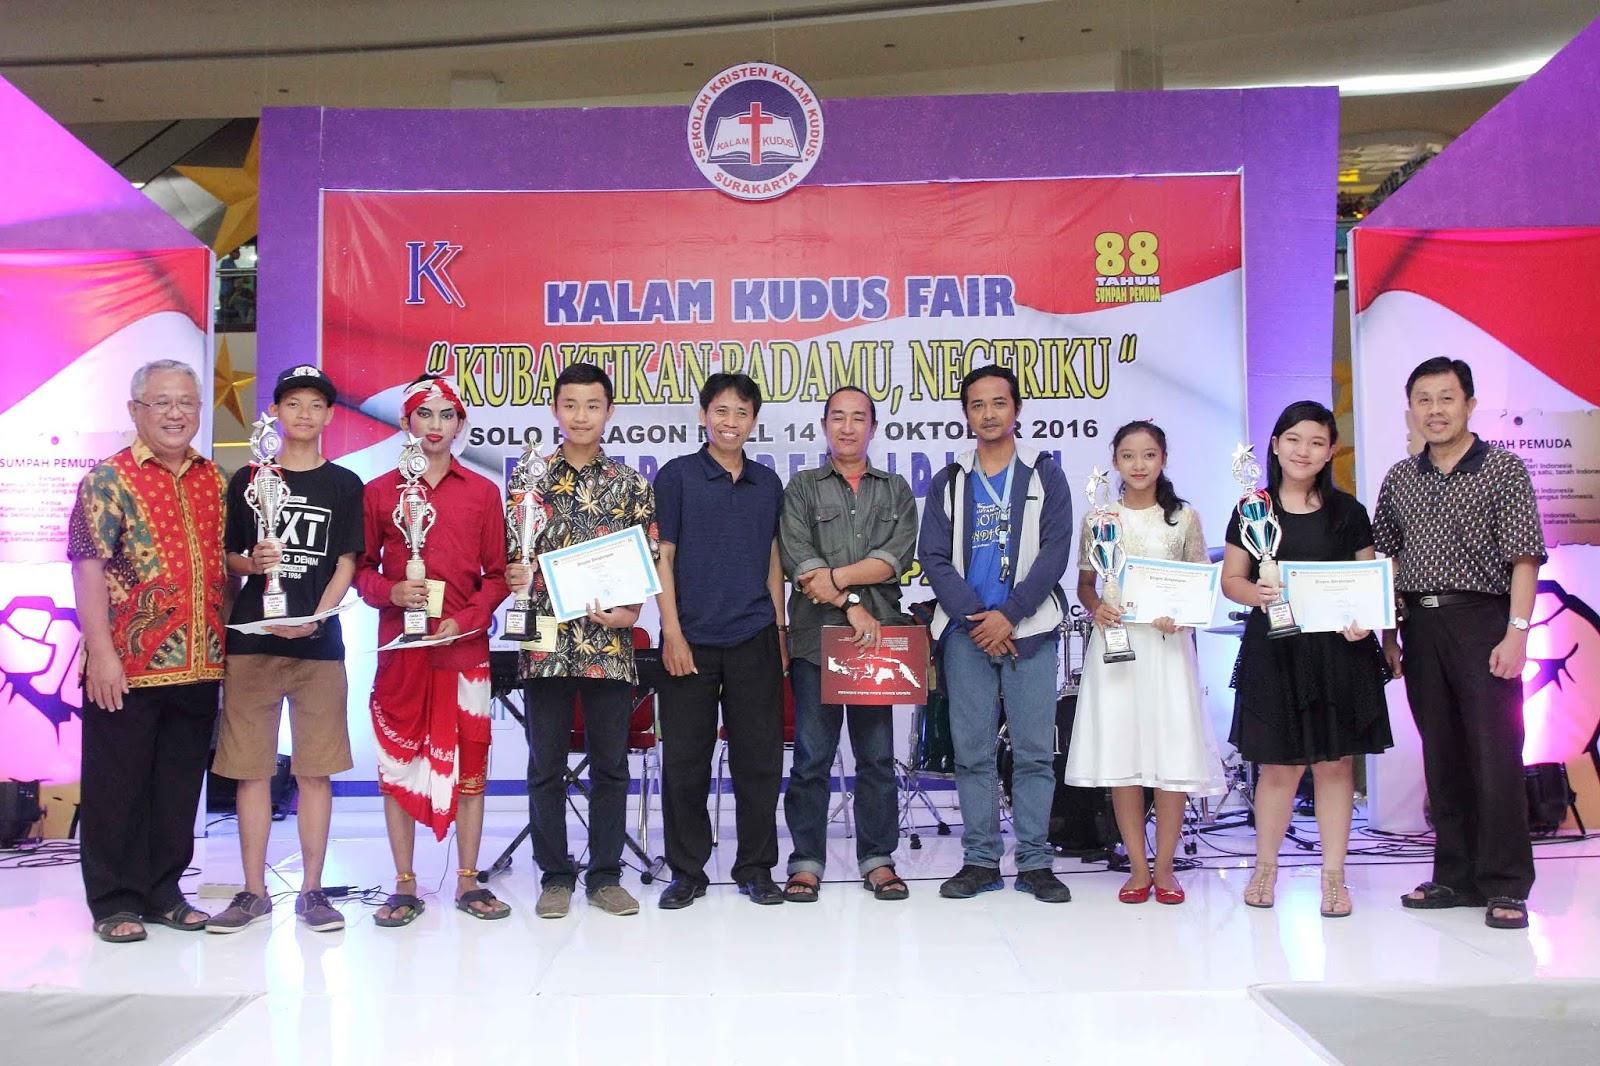 Kemeriahan Kalam Kudus Fair 2016